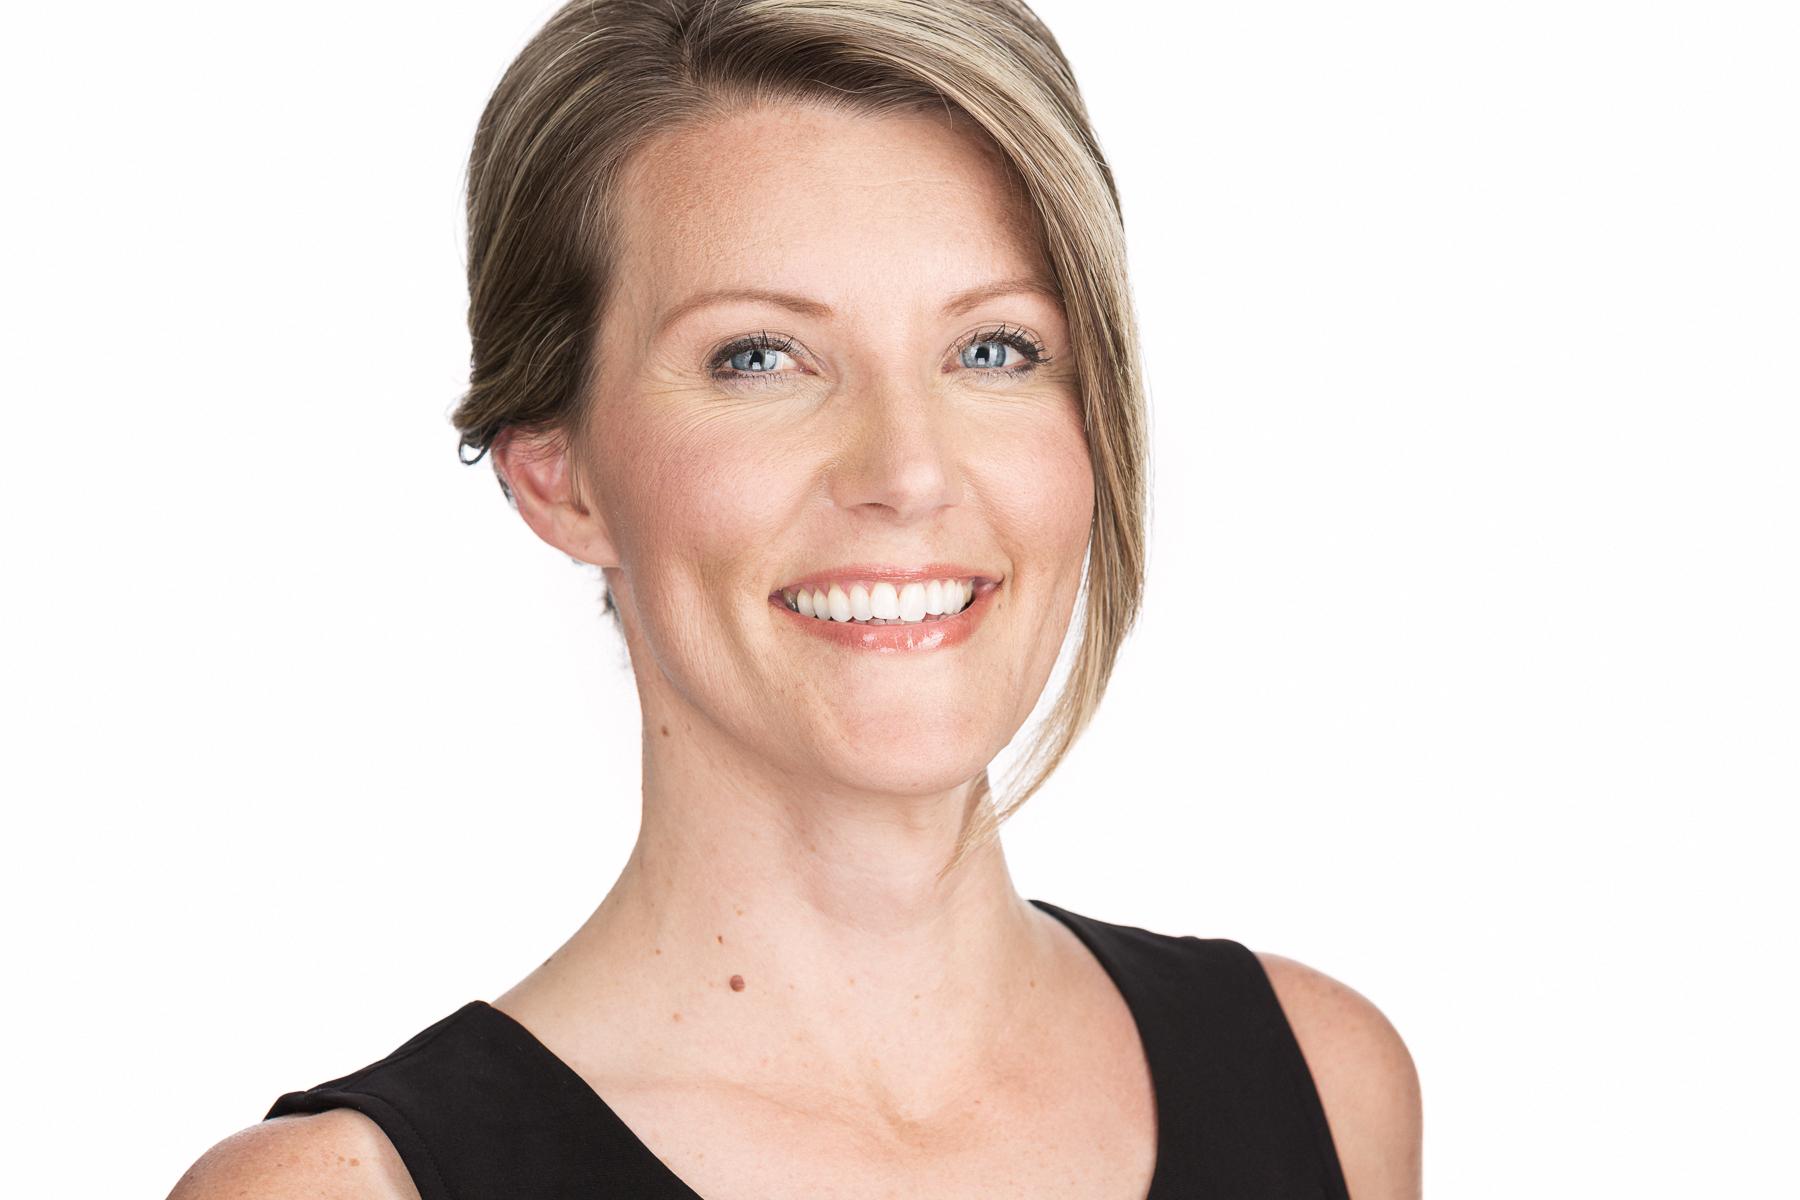 Business Headshots Boise Idaho, Anna Headshot on White